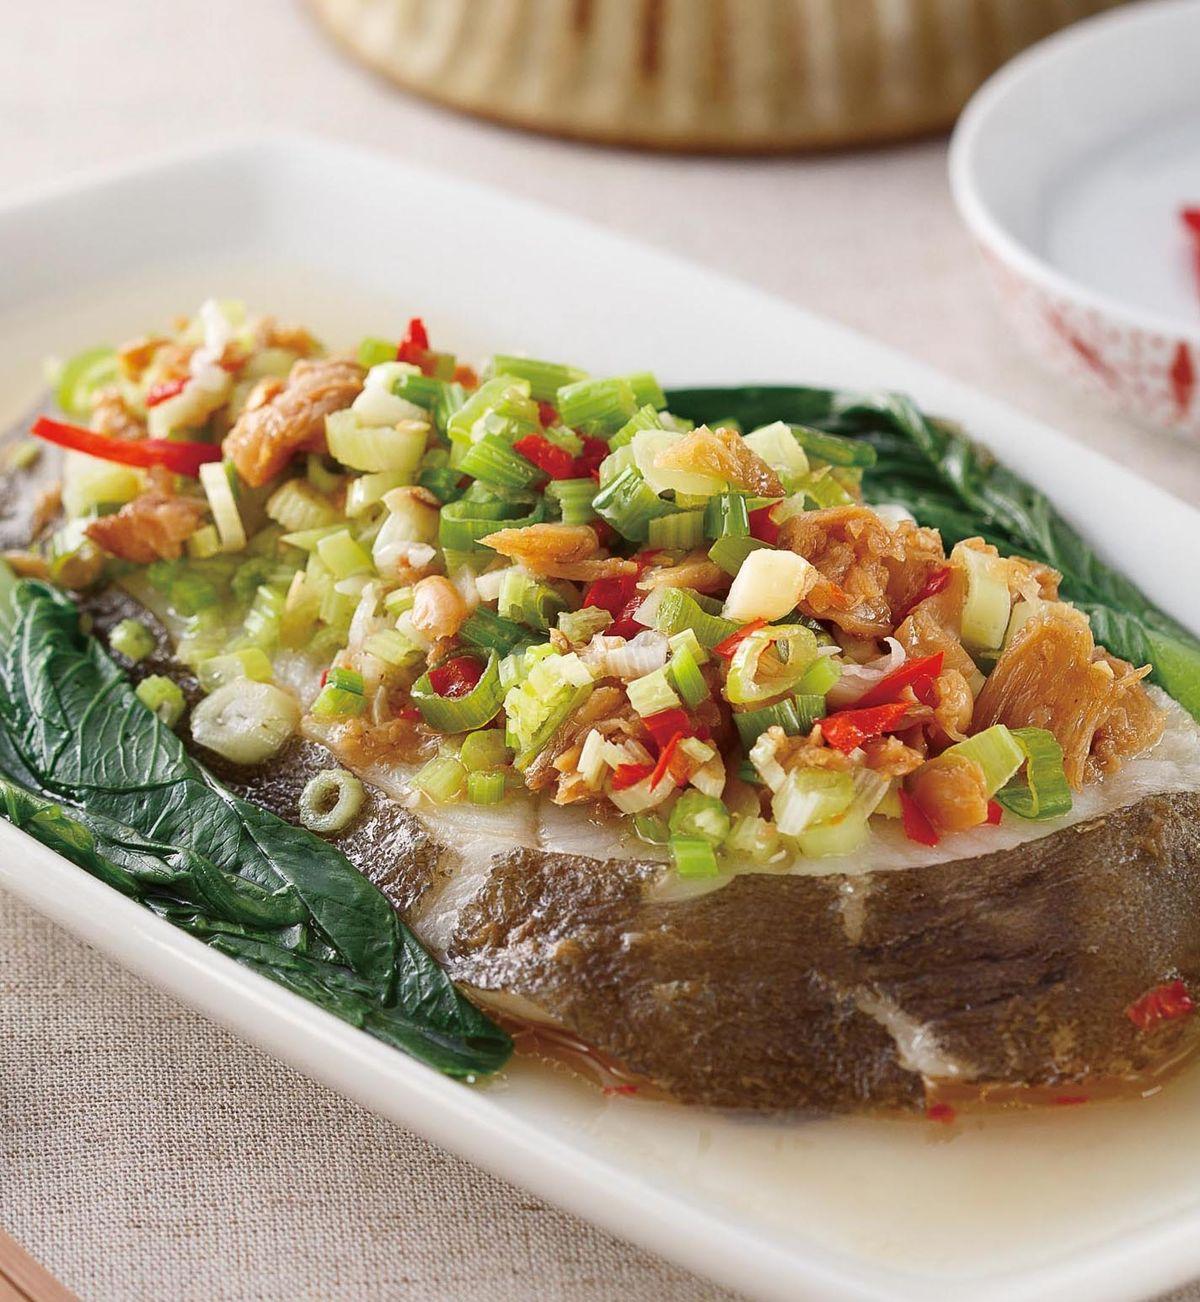 食譜:冬菜蒸鱈魚